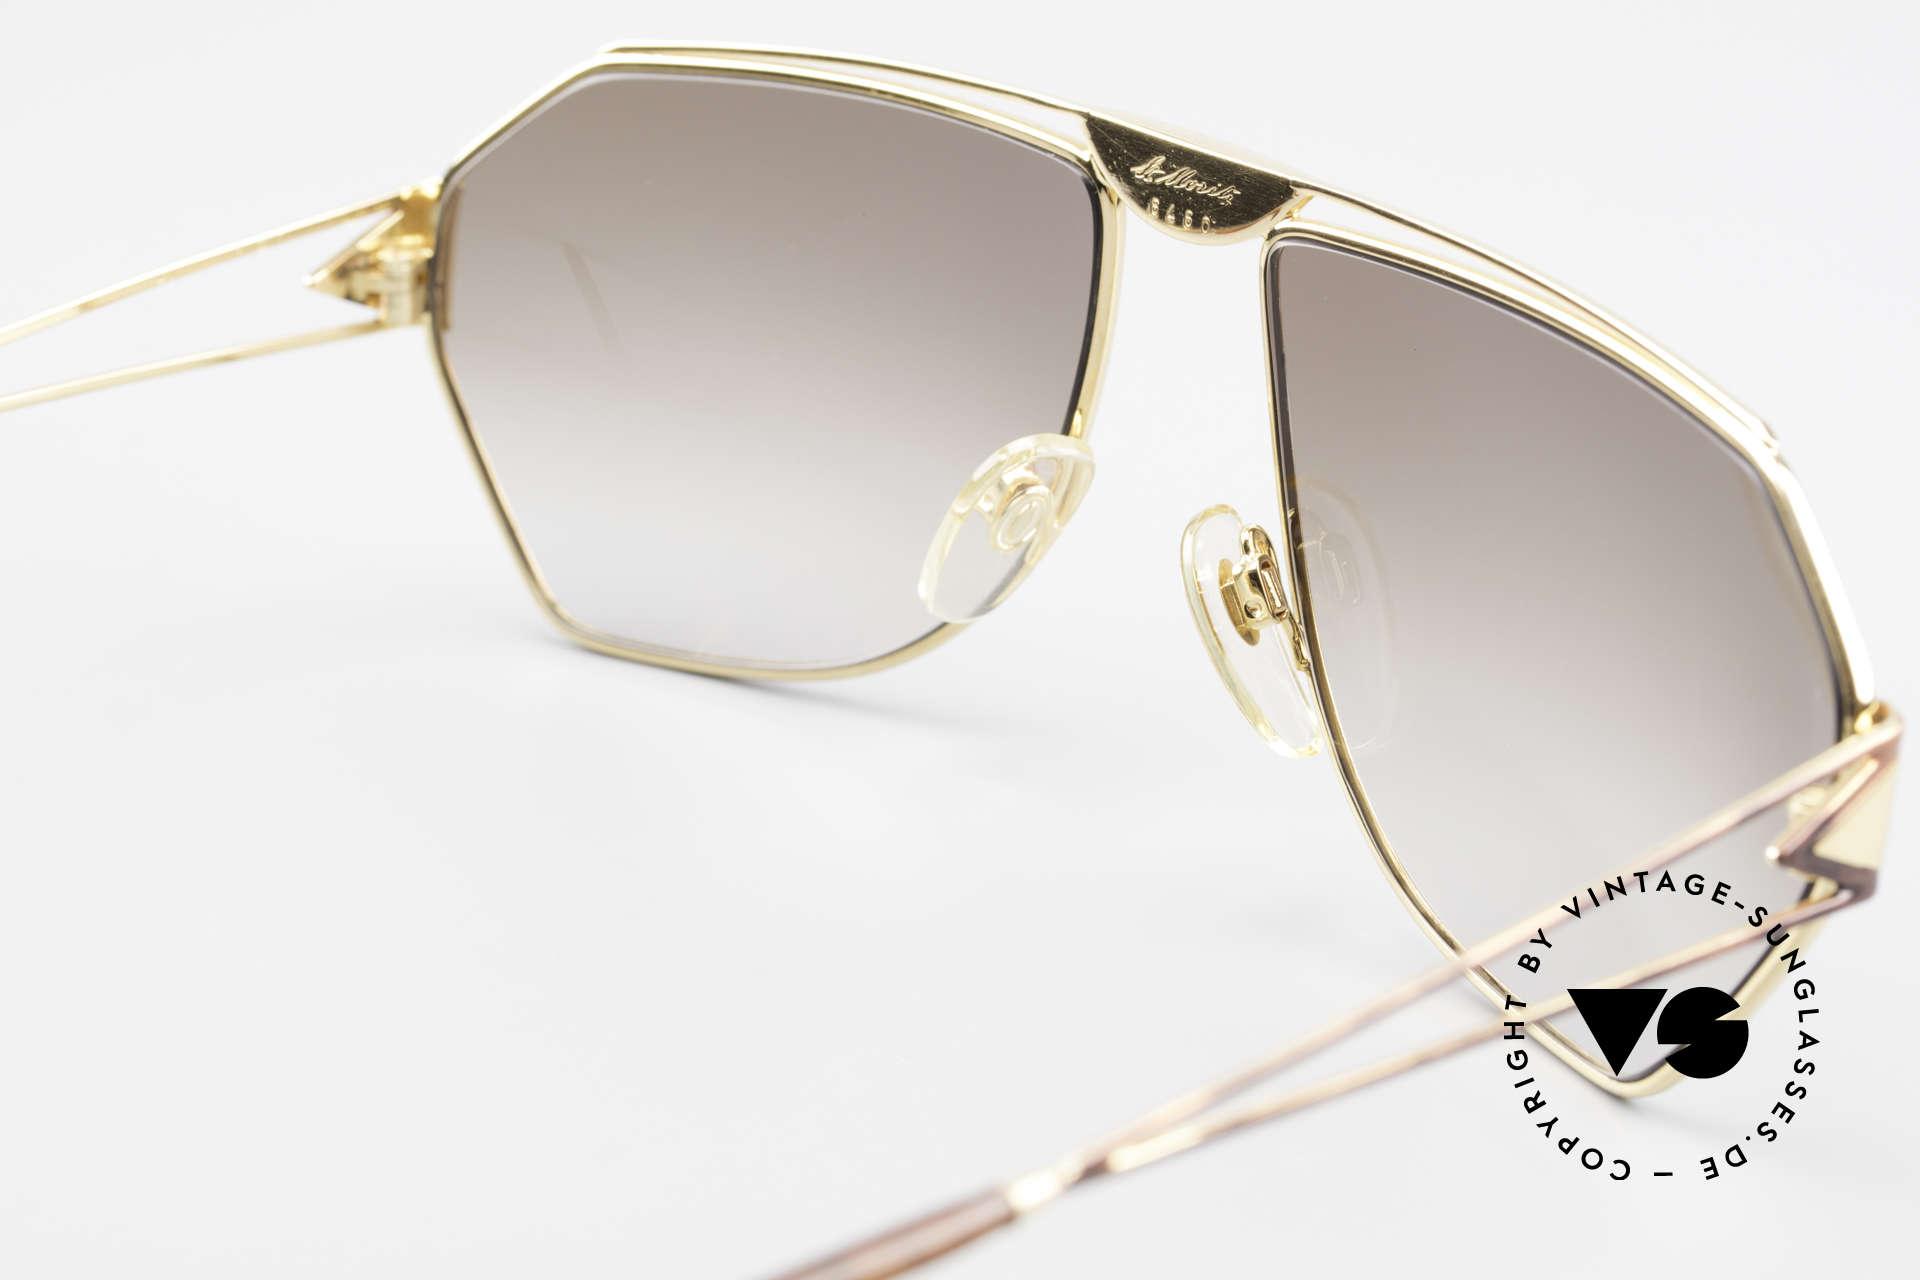 St. Moritz 403 Rare 80's Jupiter Sunglasses, Size: large, Made for Men